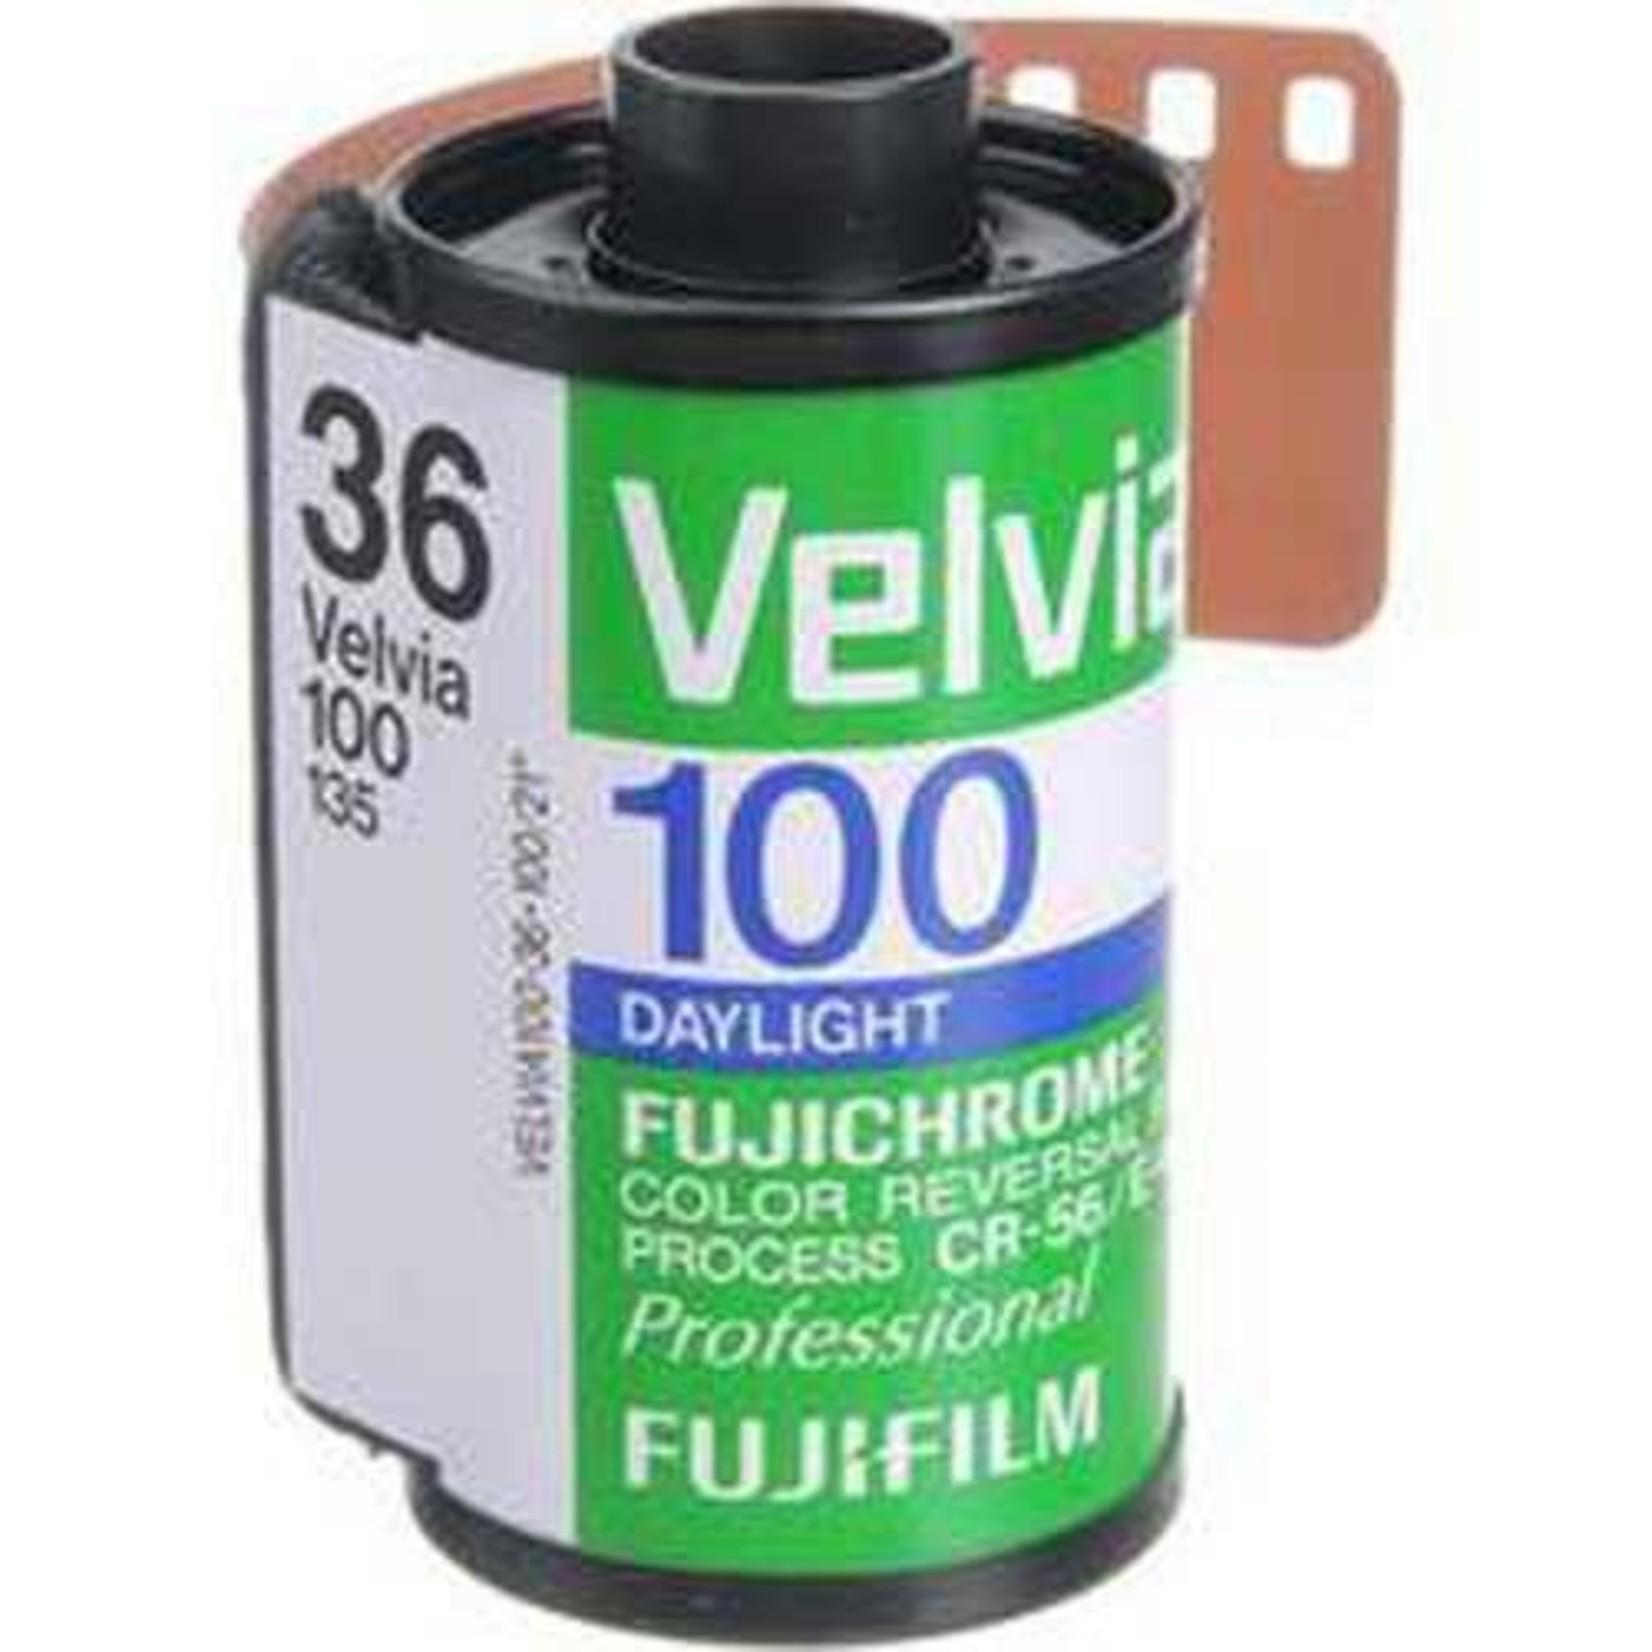 FujiFilm FujiFilm Velvia 100 RVP 100 135-36